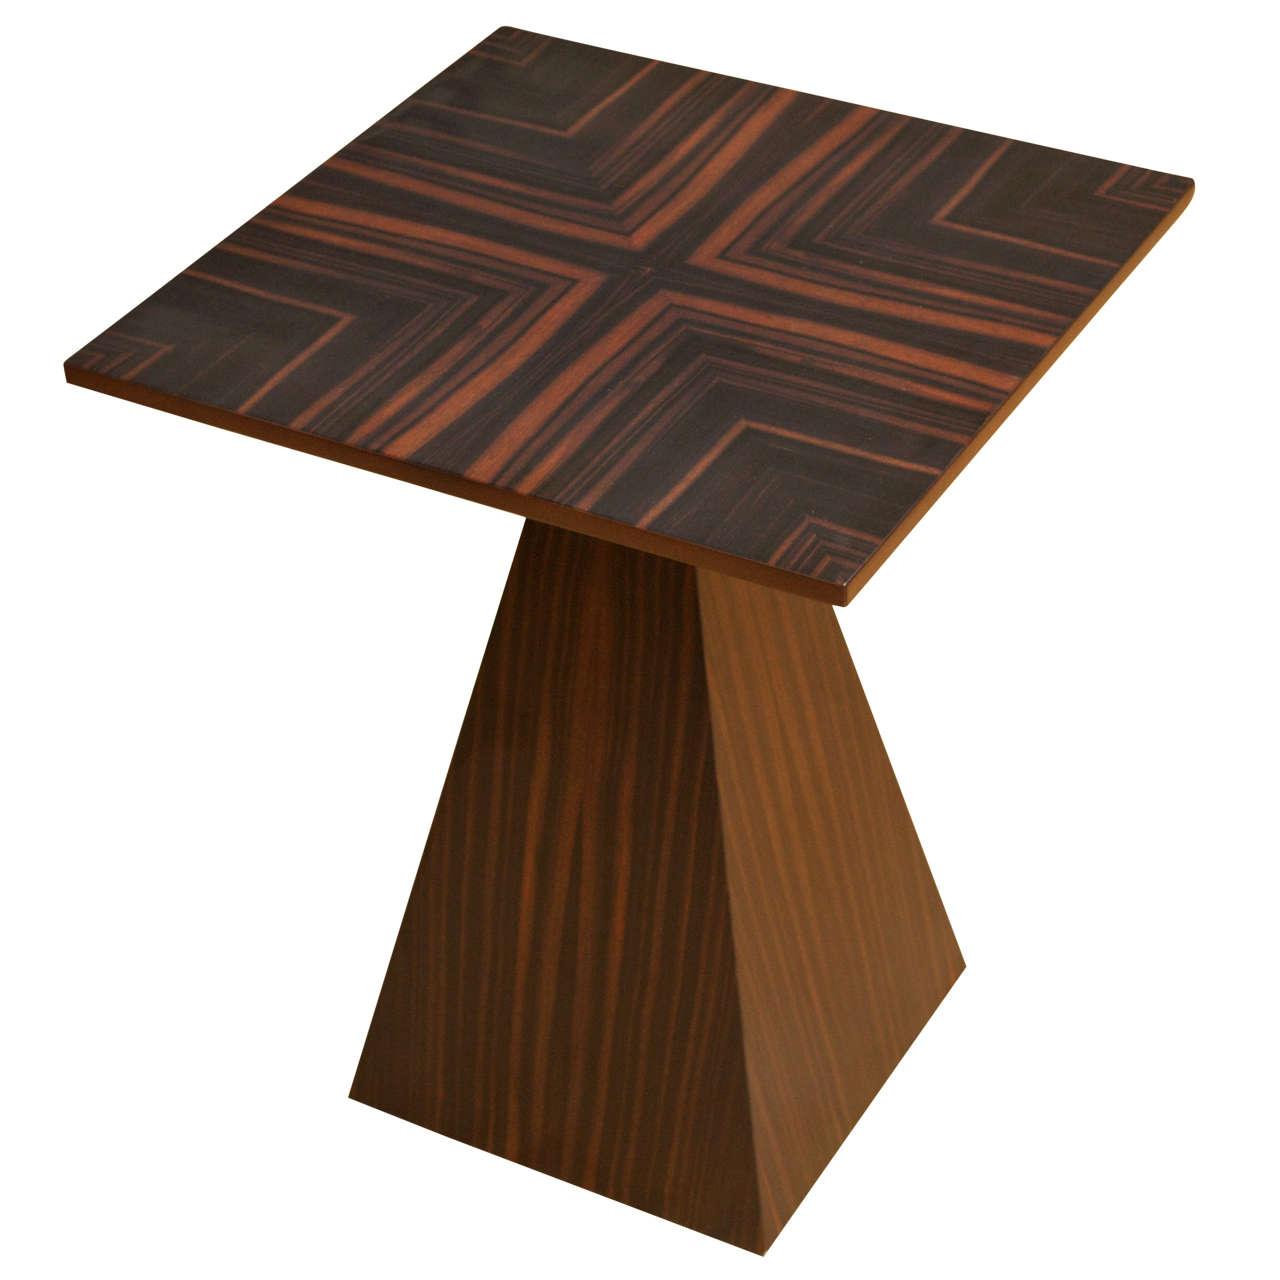 harvey probber wenge end table for sale at 1stdibs. Black Bedroom Furniture Sets. Home Design Ideas